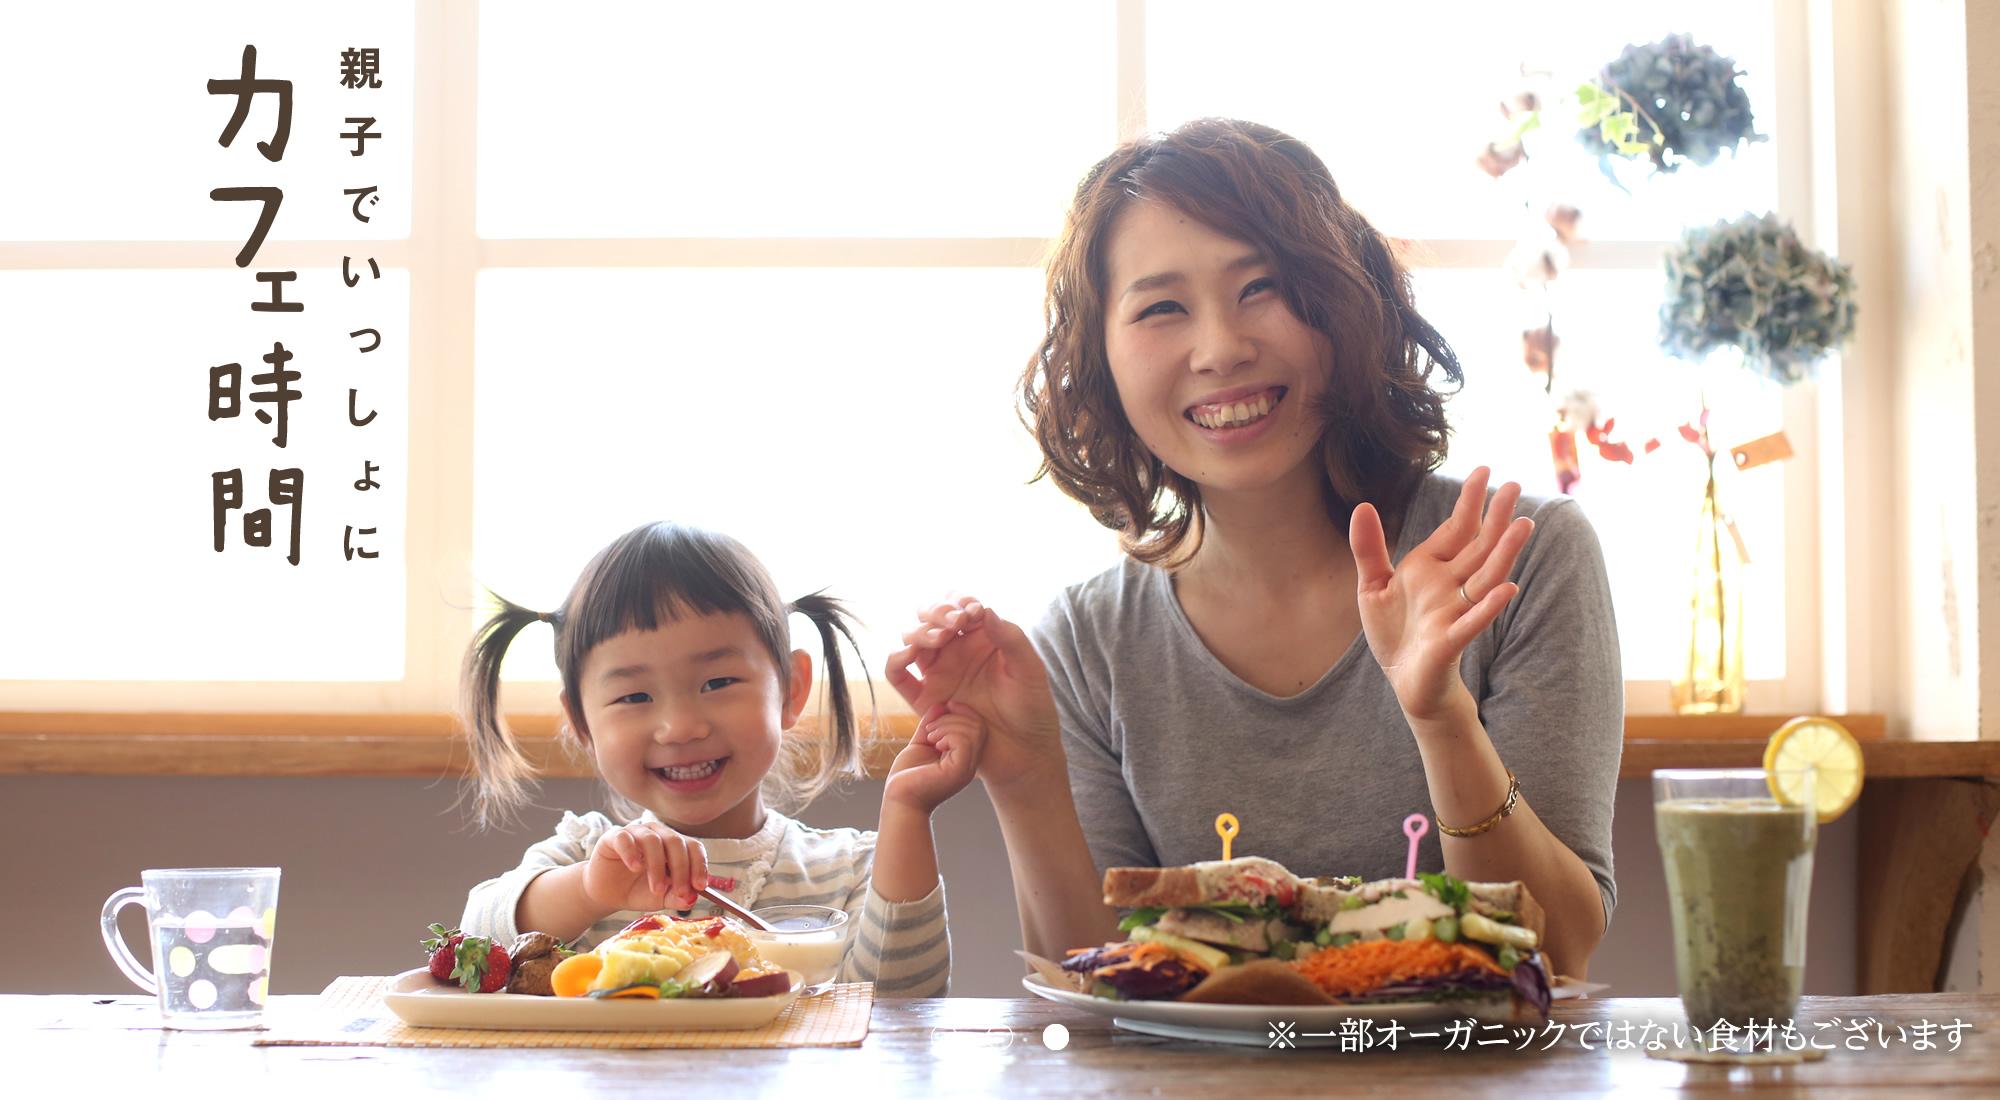 オーガニックキッチン アナトリエ|大阪府吹田市のカフェ